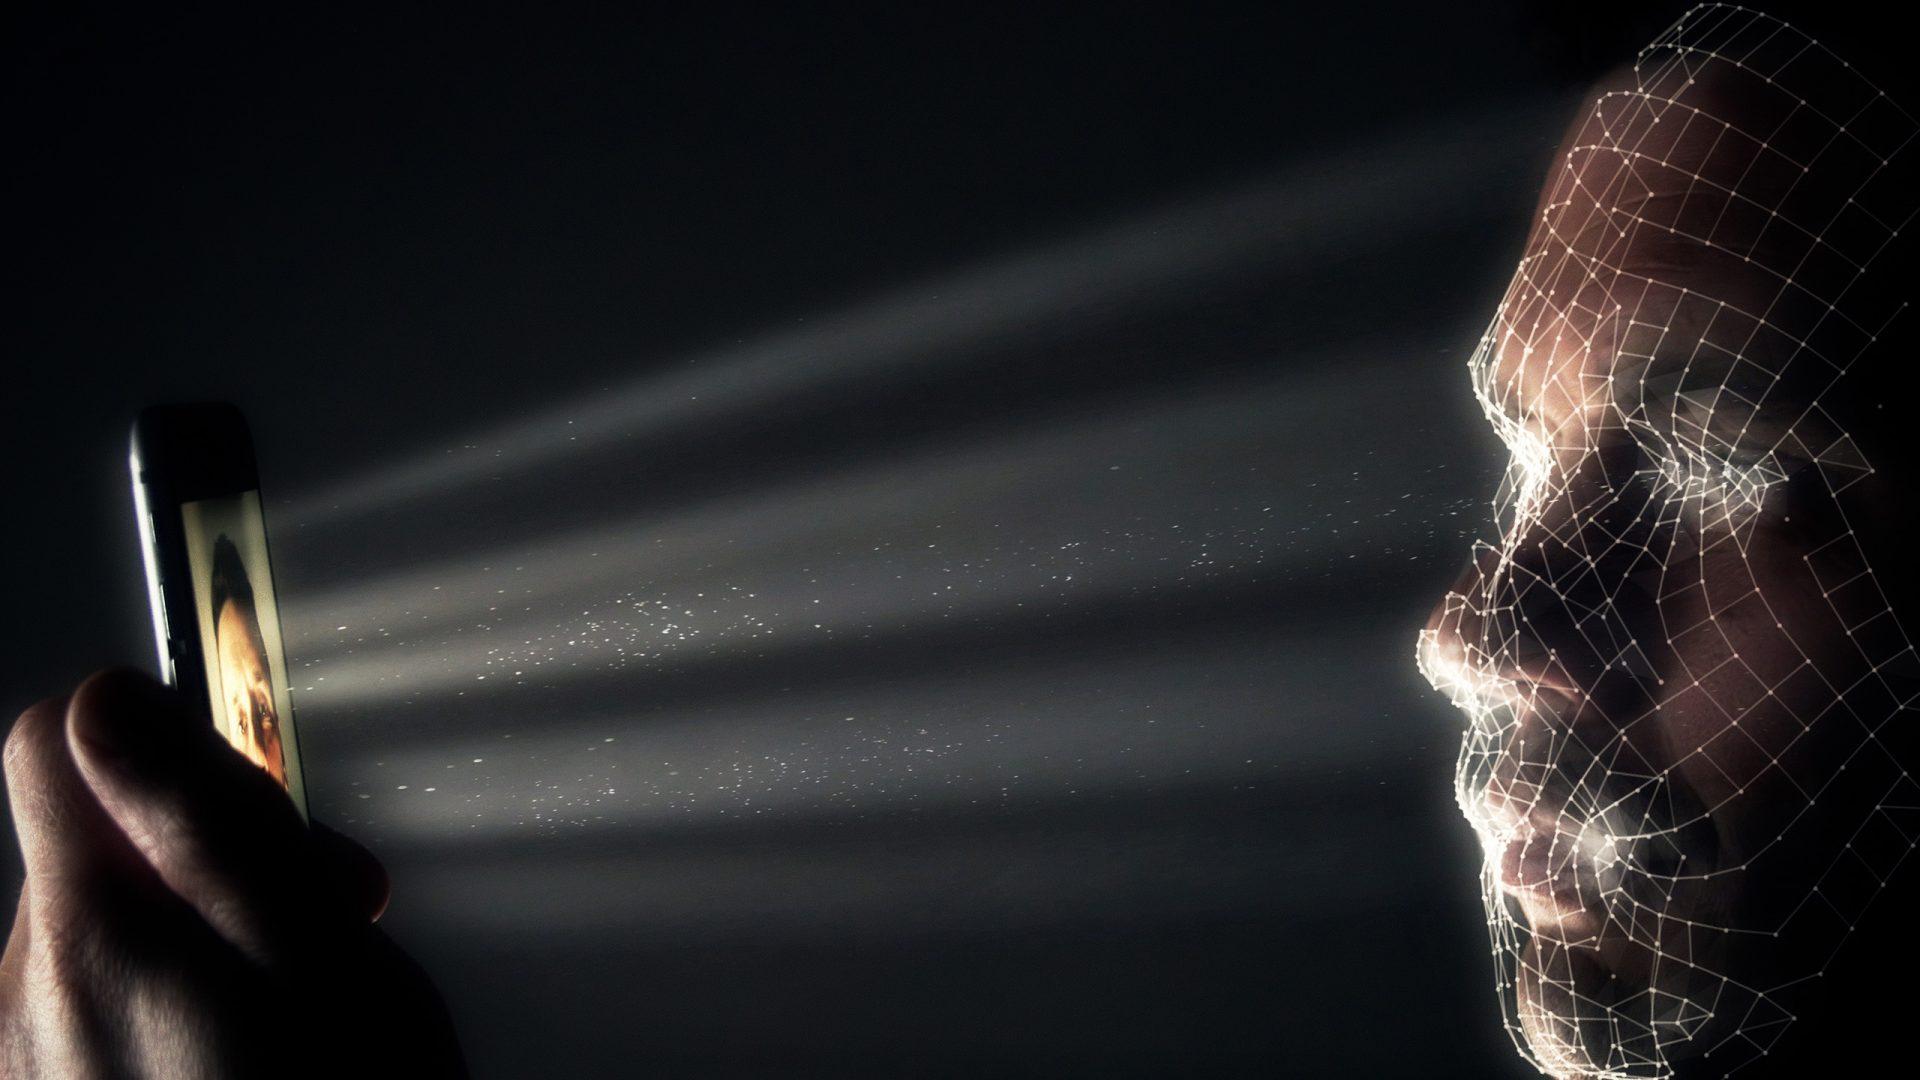 """Tehnologia care promite să """"prezică criminalitatea"""" prin recunoașterea facială, contestată"""